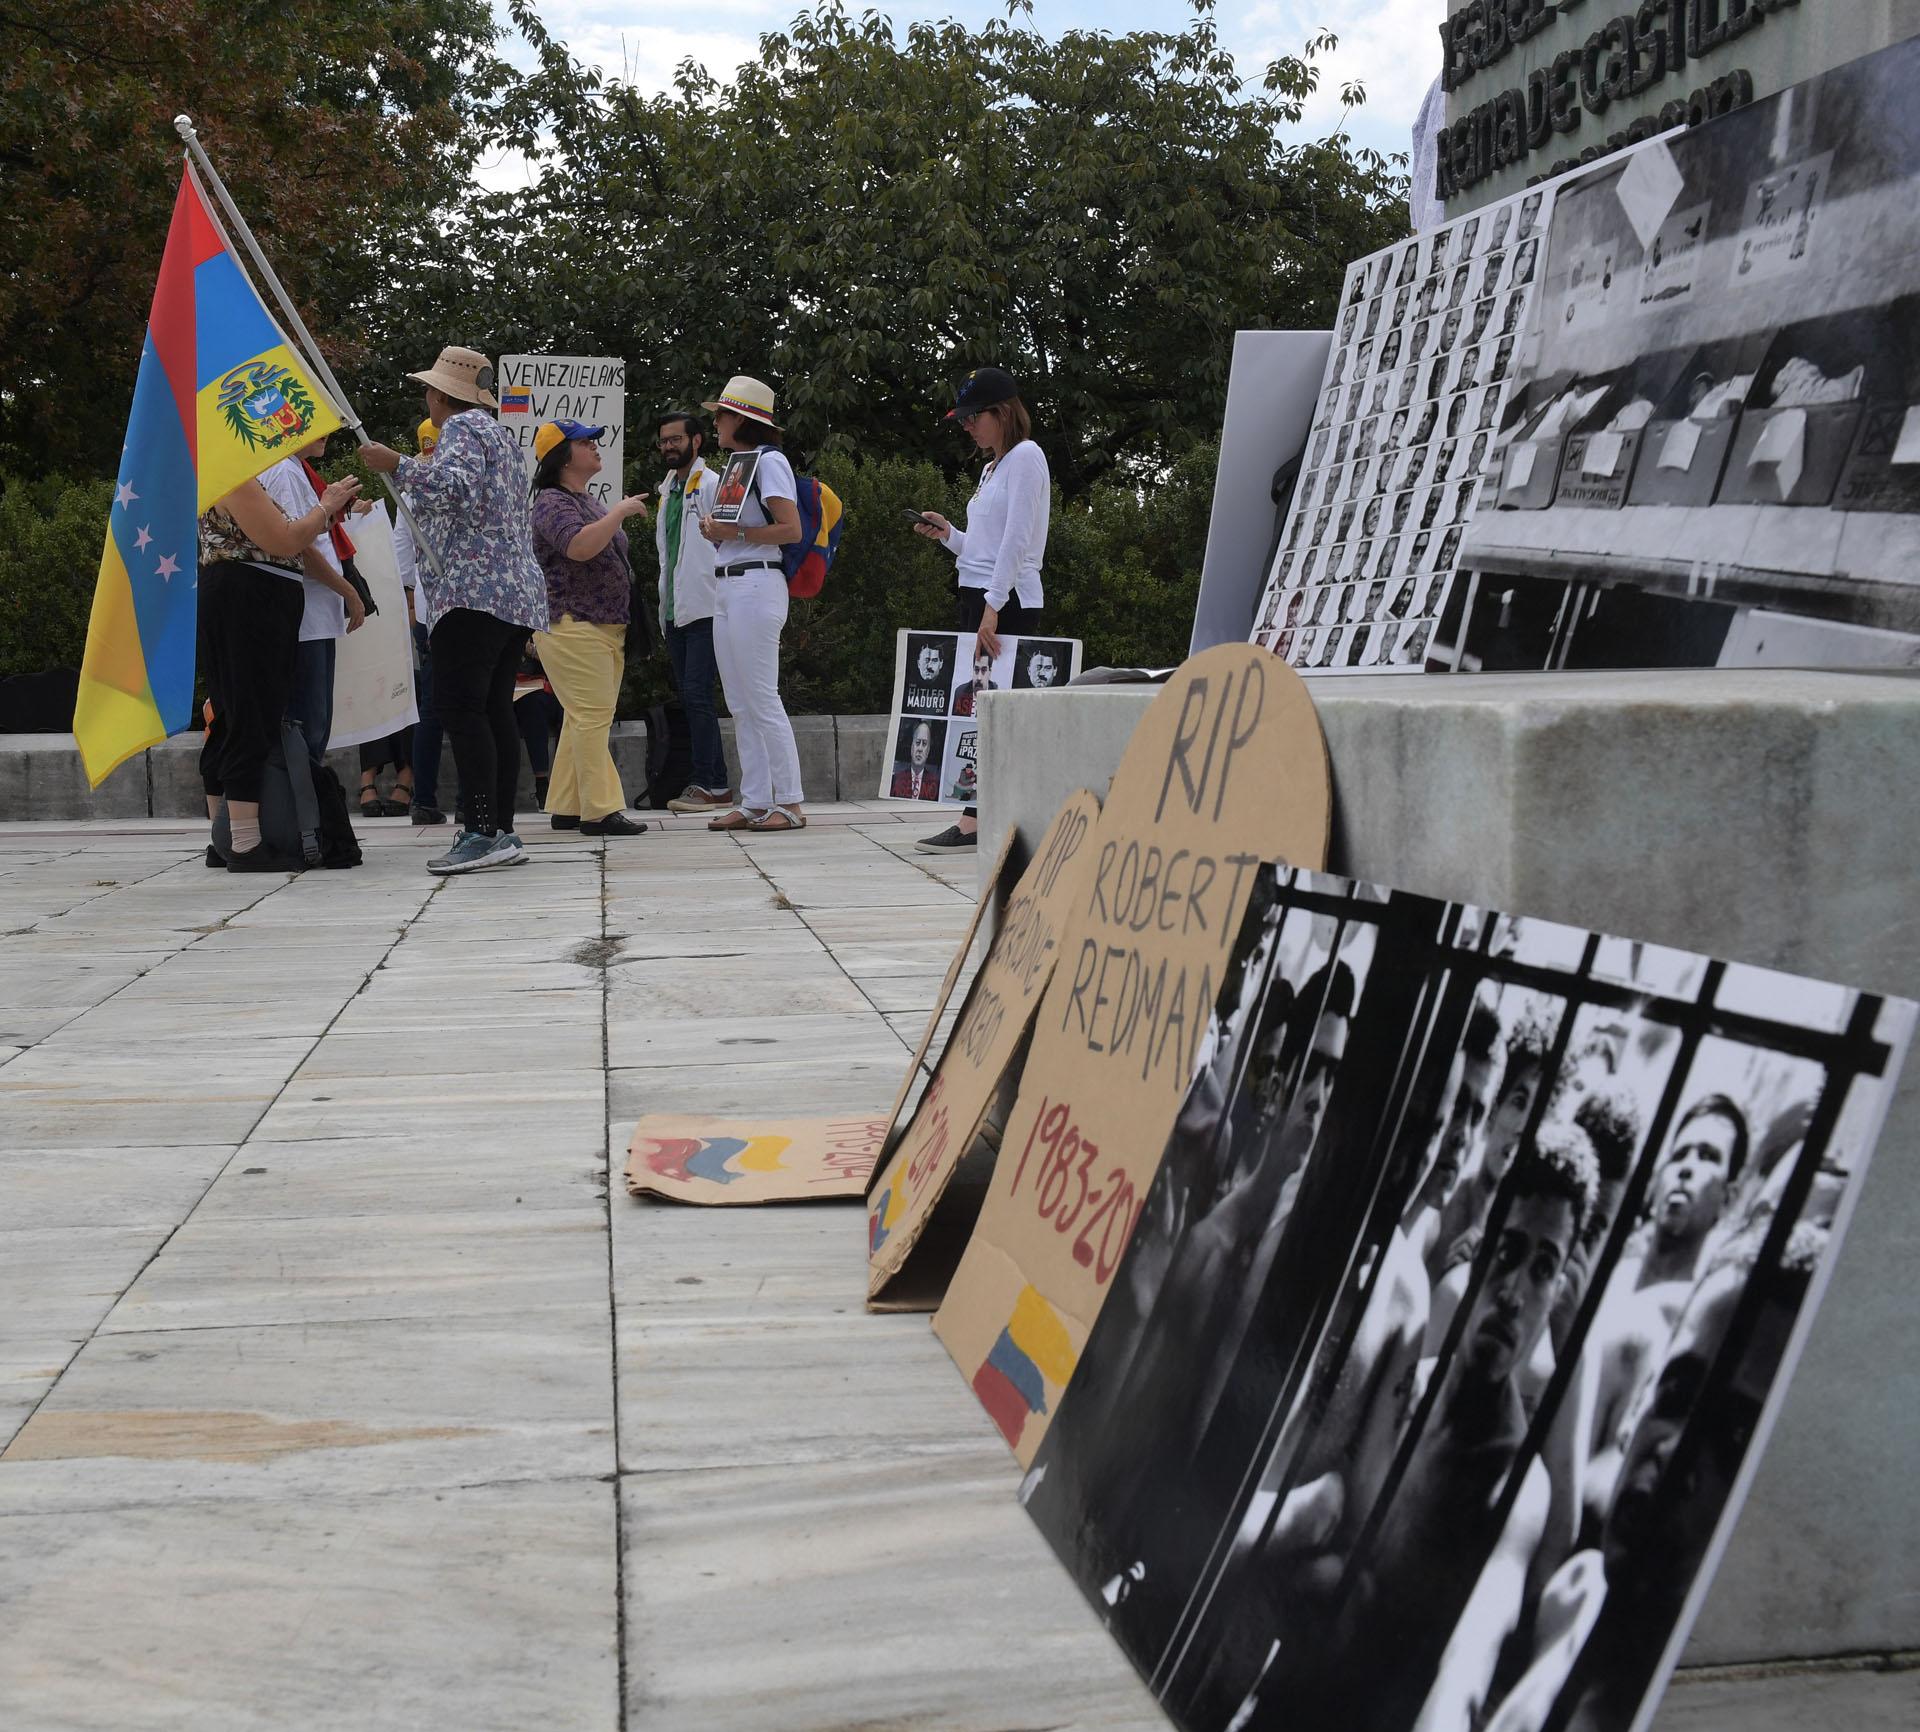 WAS13. WASHINGTON (DC, EEUU), 14/09/2017.- Activistas y ciudadanos venezolanos se manifiestan hoy, jueves 14 de septiembre 2017, frente a la sede de la Organización de los Estados Americanos (OEA) en Washington, DC (EE.UU.). La OEA inició hoy las audiencias públicas en las que se determinará si hay fundamento para denunciar al Gobierno de Venezuela por crímenes de lesa humanidad ante la Corte Penal Internacional (CPI). EFE/Lenin Nolly